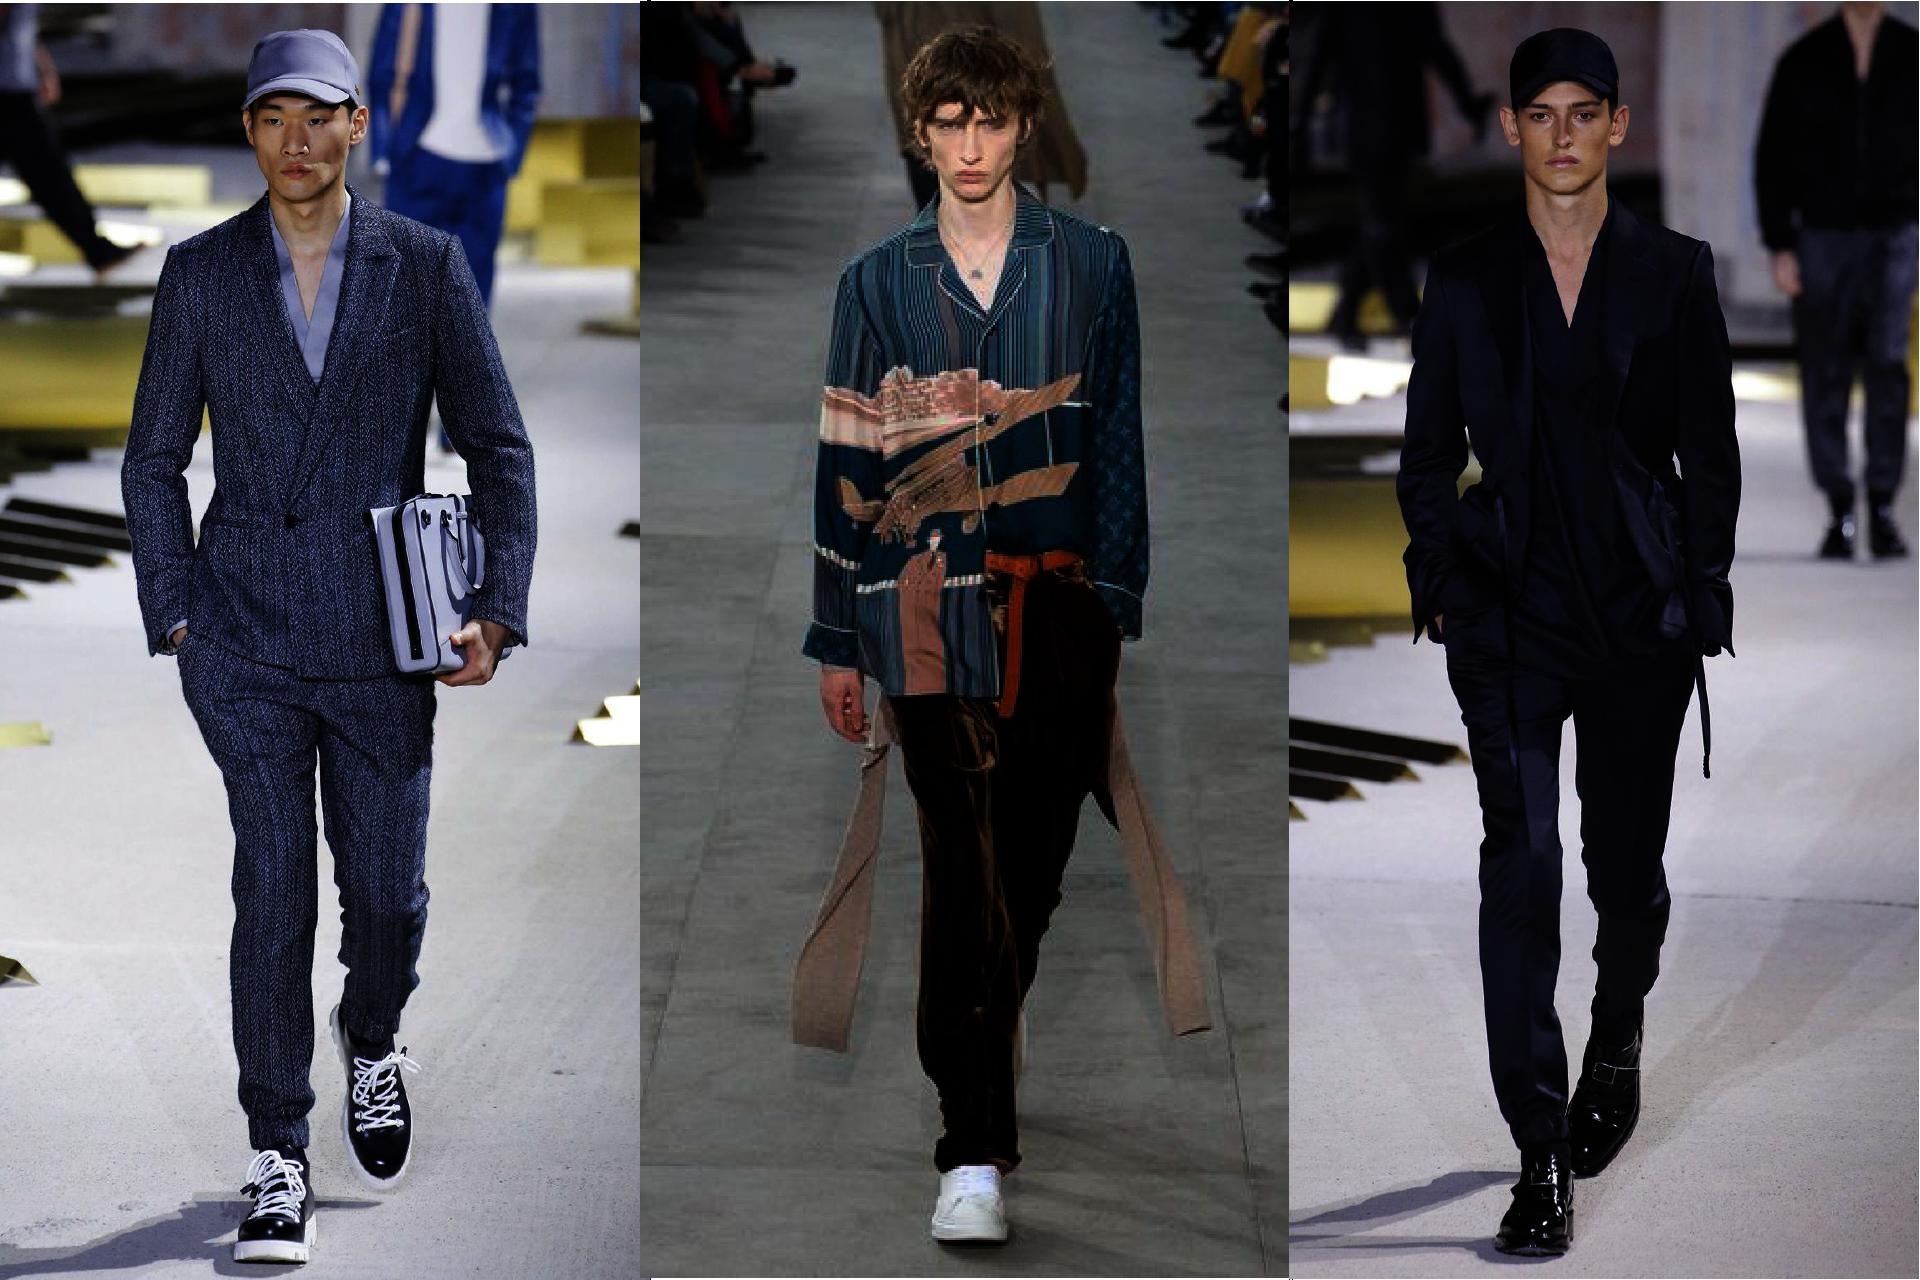 Trendy w modzie męskiej jesień-zima 2017, Pokazy mody męskiej jesień-zima 2017, Koszule jedwabne męskie, Moda pidżamowa, Blog o modzie męskiej